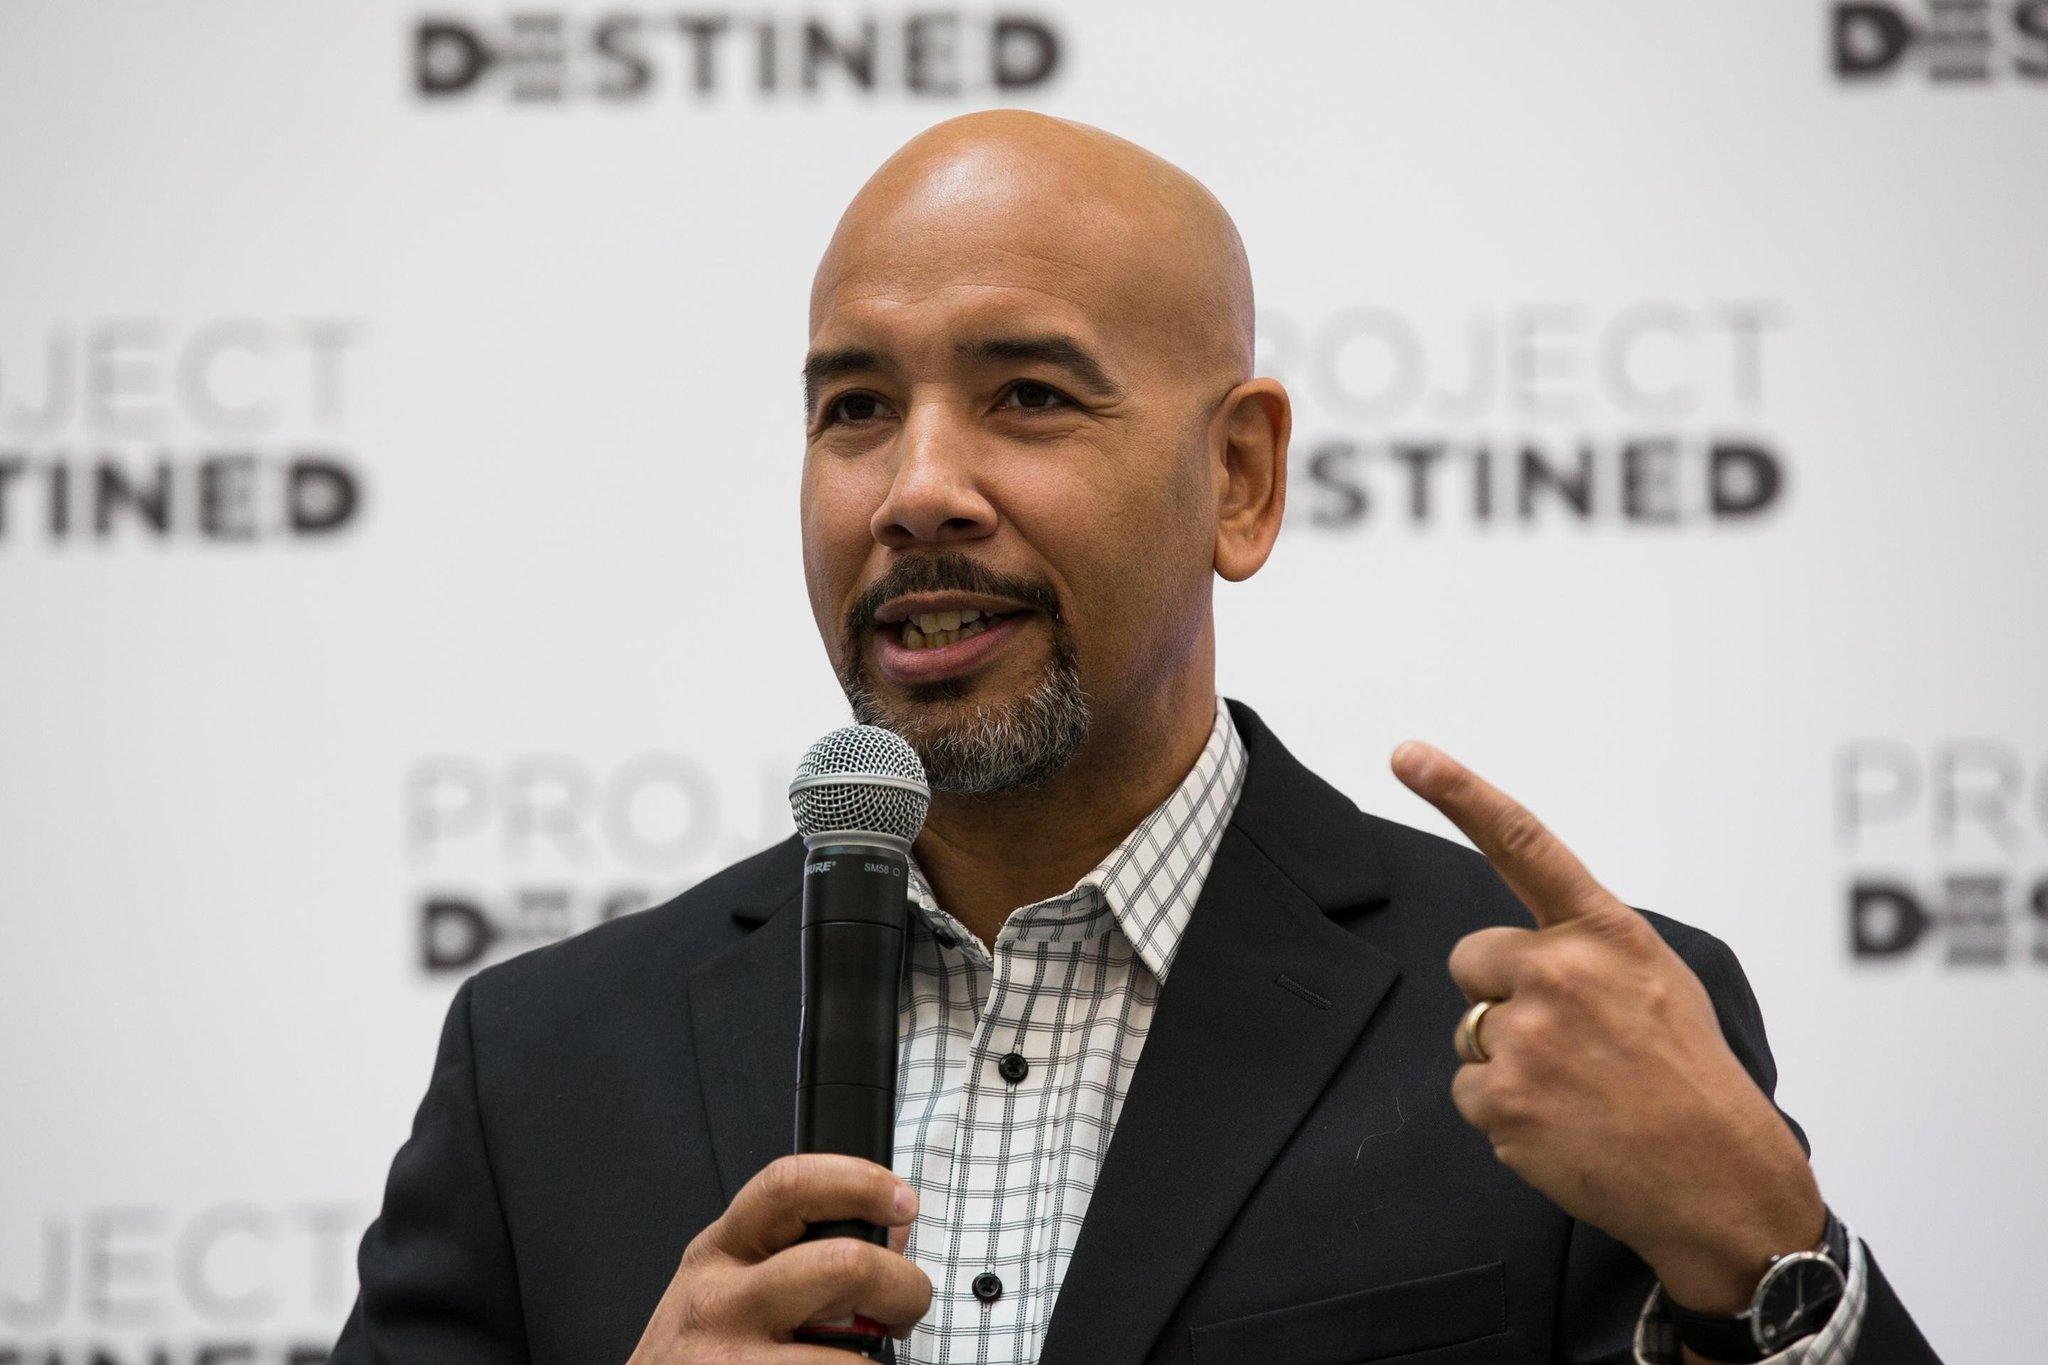 Bronx Borough President Ruben Diaz Jr. drops out of mayoral race